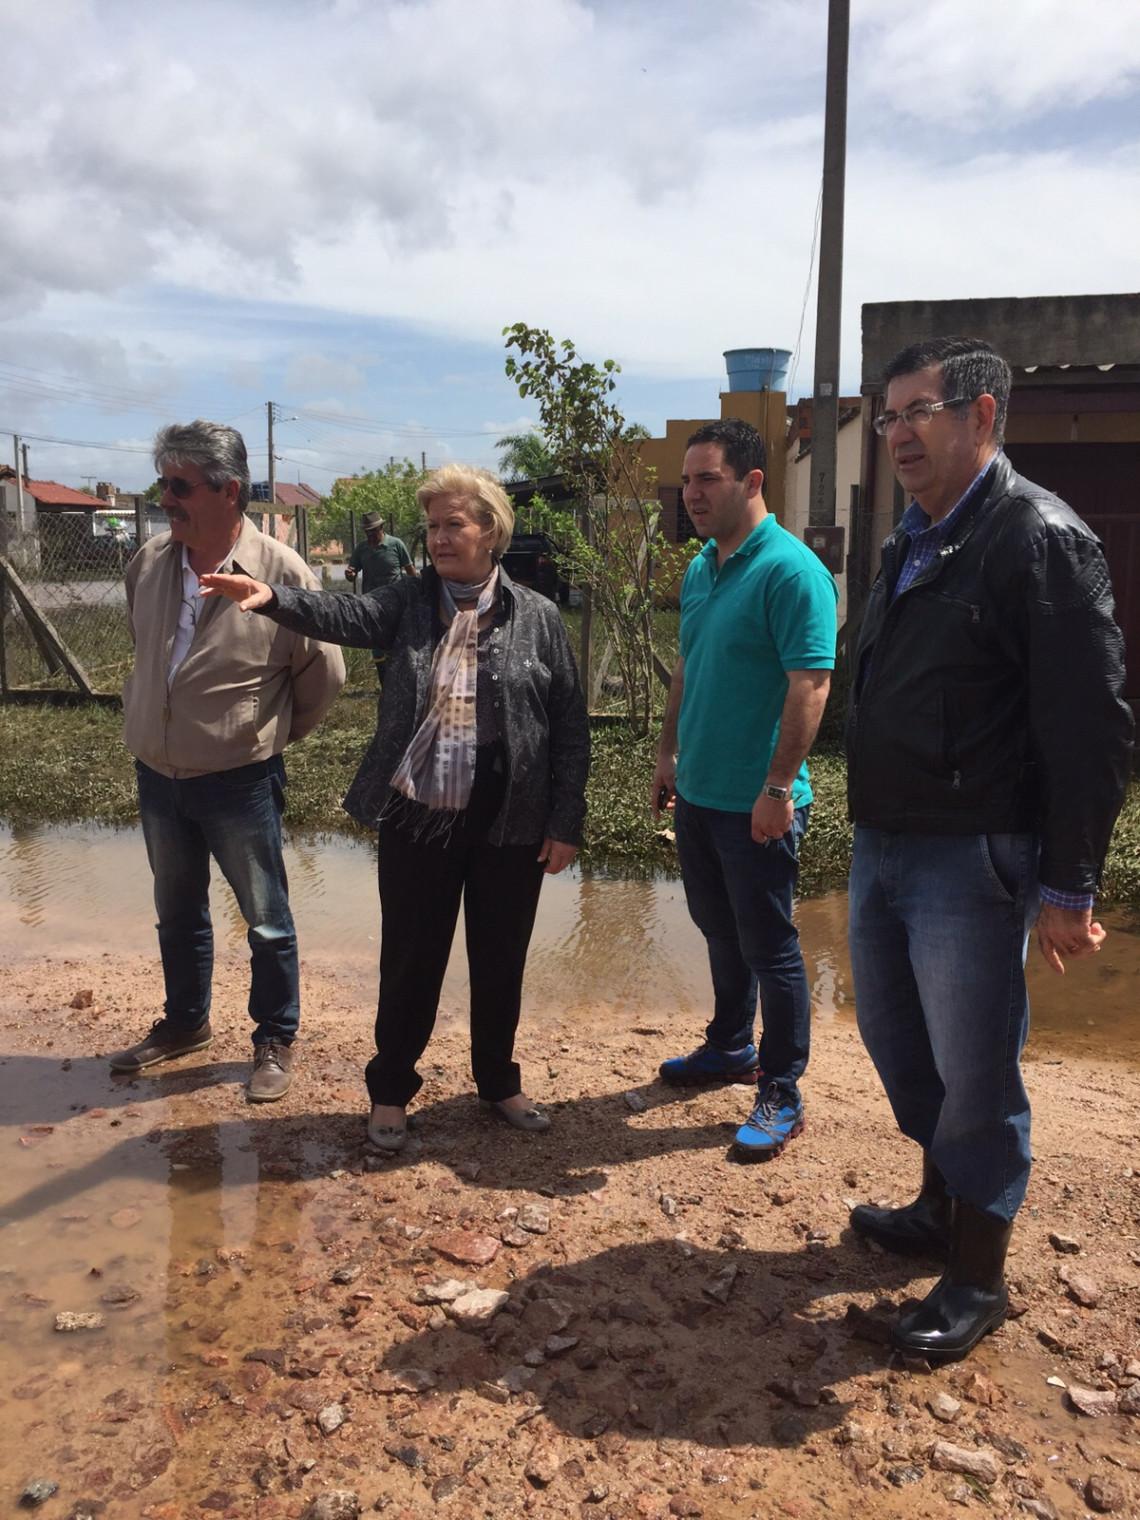 Ana Amélia renova apoio às demandas dos municípios atingidos pelas chuvas em visita às ruas alagadas do Bairro Laranjal, em Pelotas